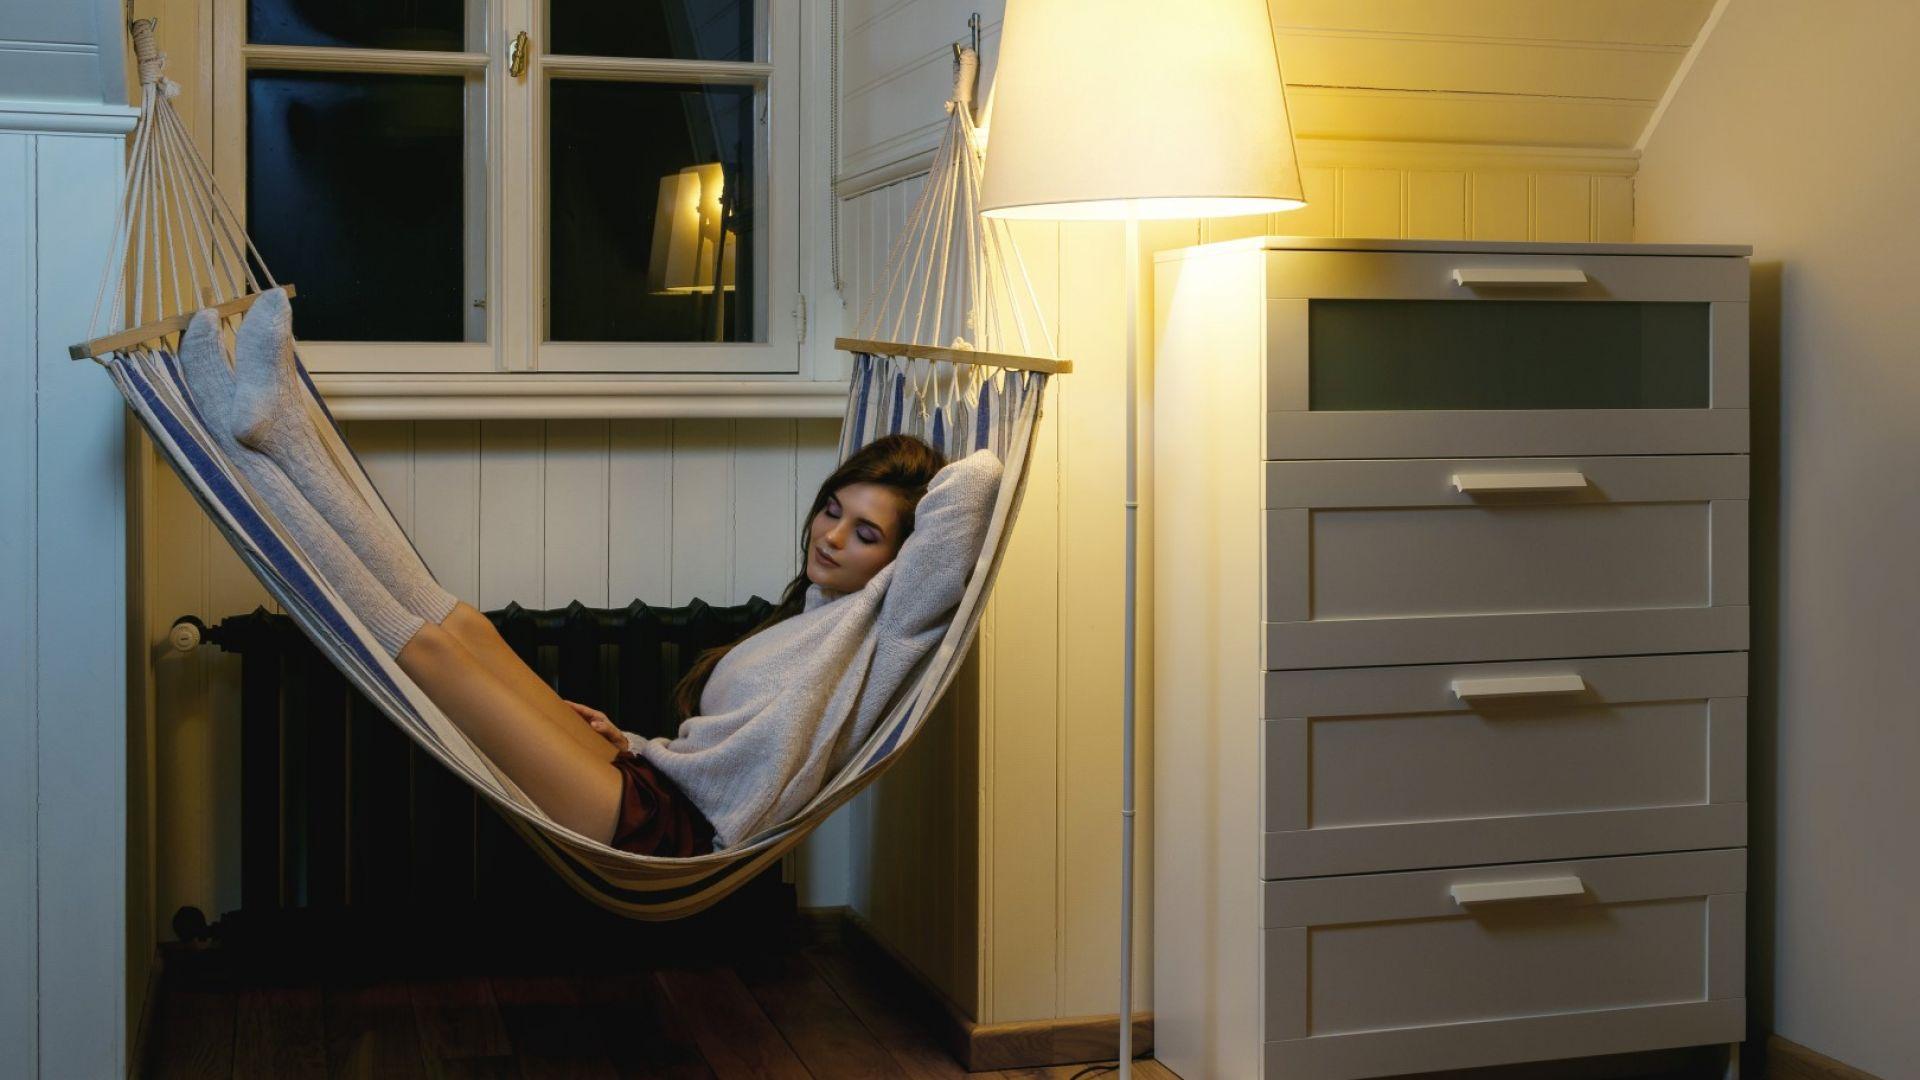 Учени препоръчаха да спим в хамаци